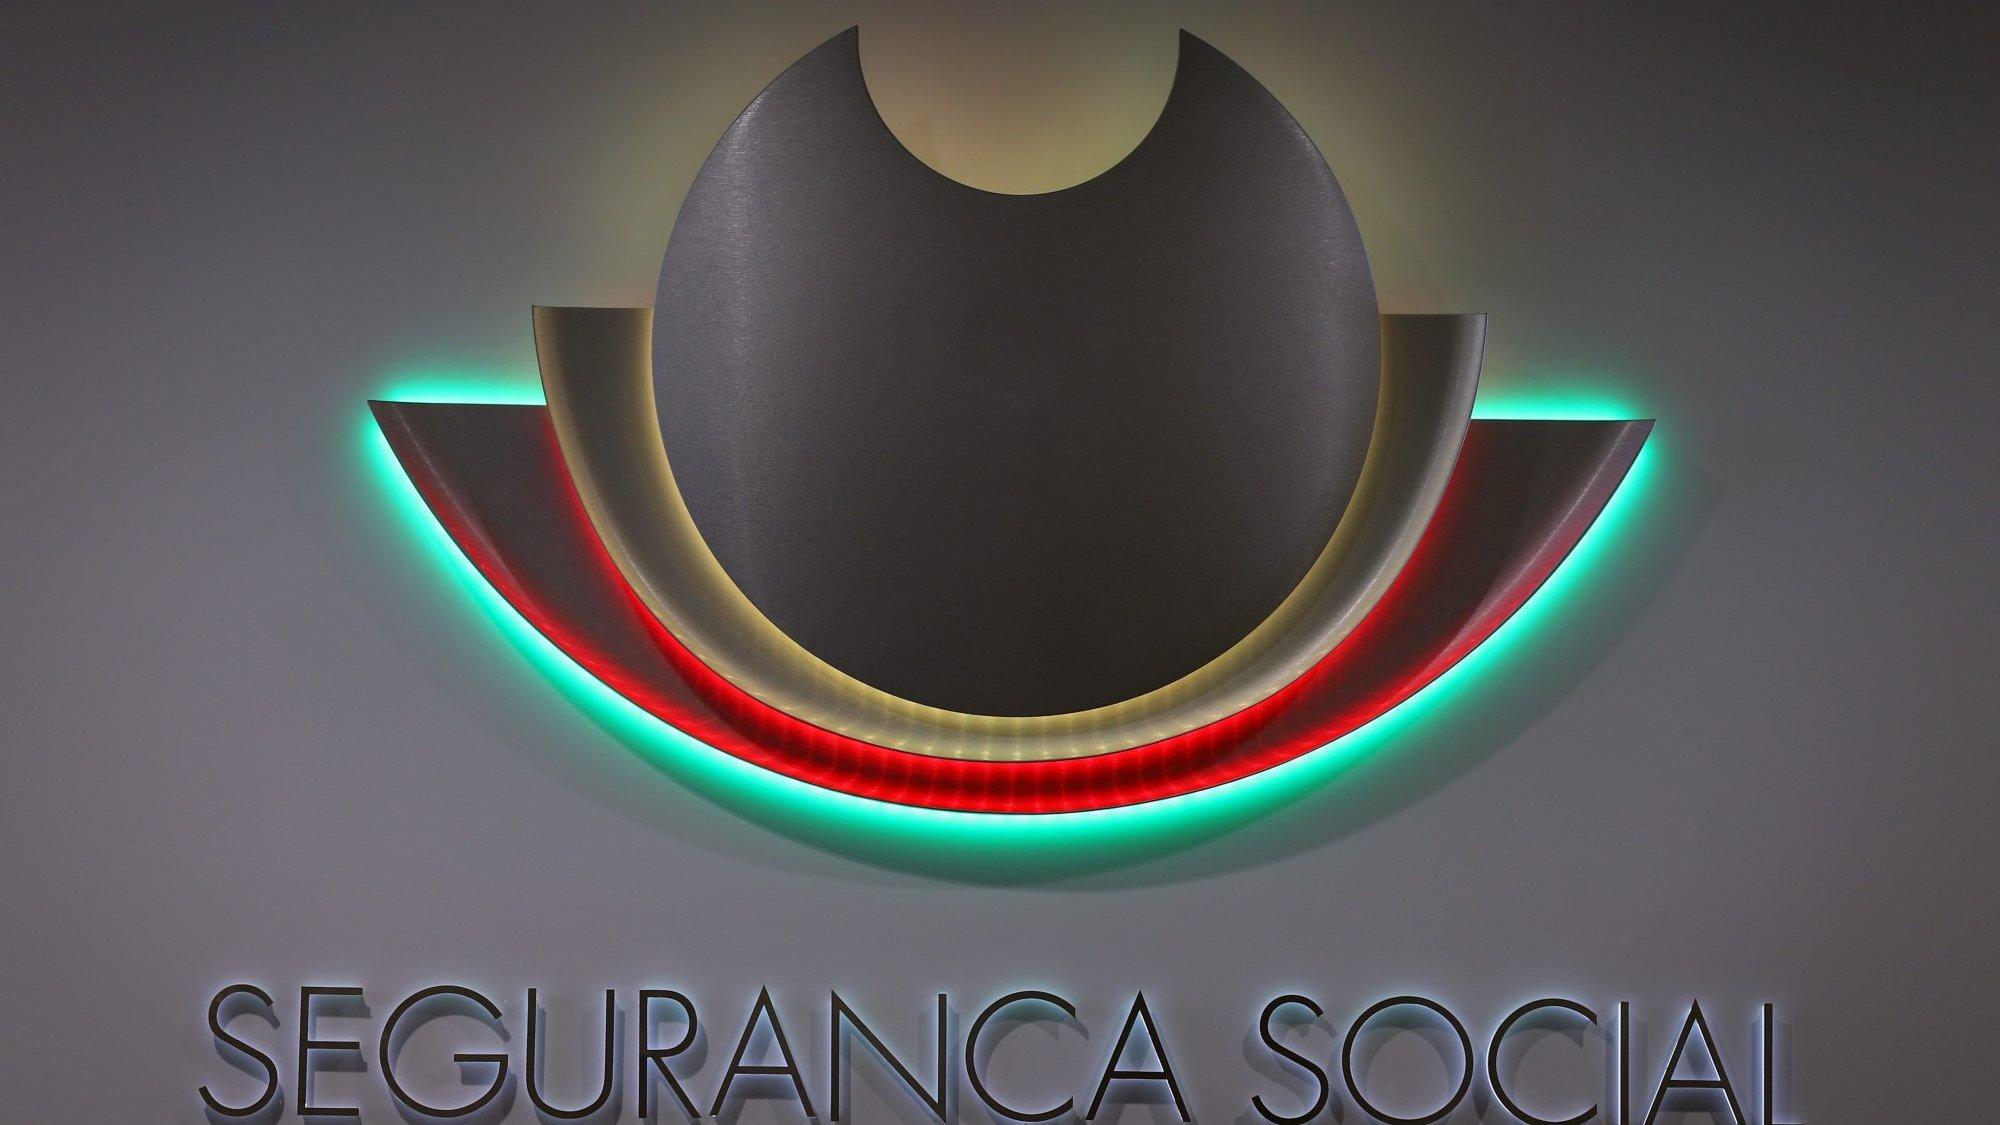 Segurança Social: novo edifício sede